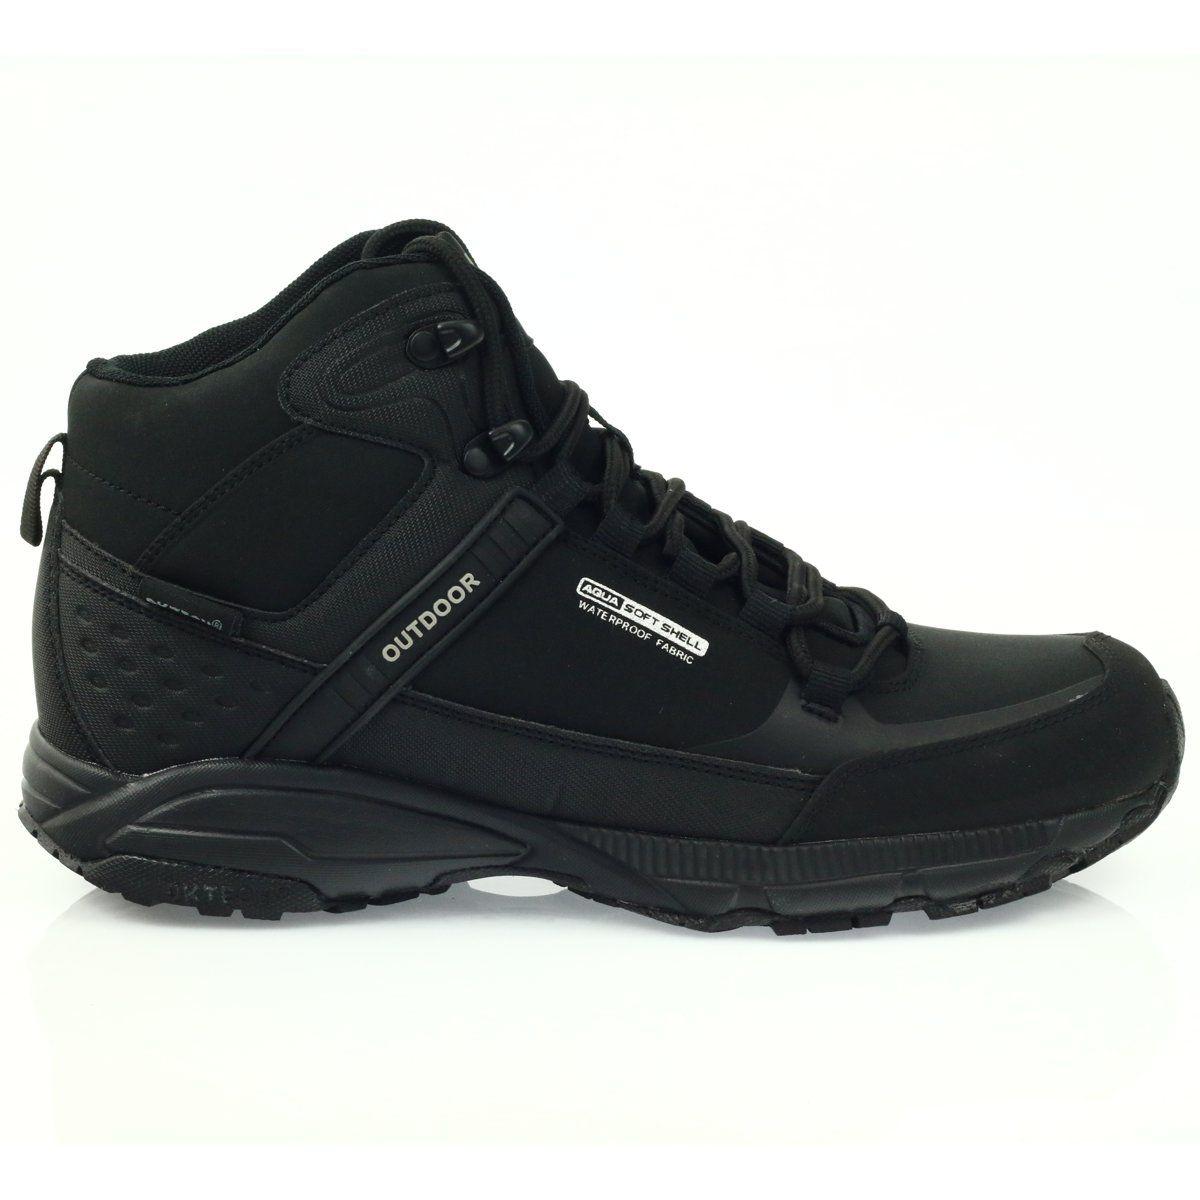 Buty Trekkingowe Softshell Dk 1751 Czarne Shoes Mens Boots All Black Sneakers